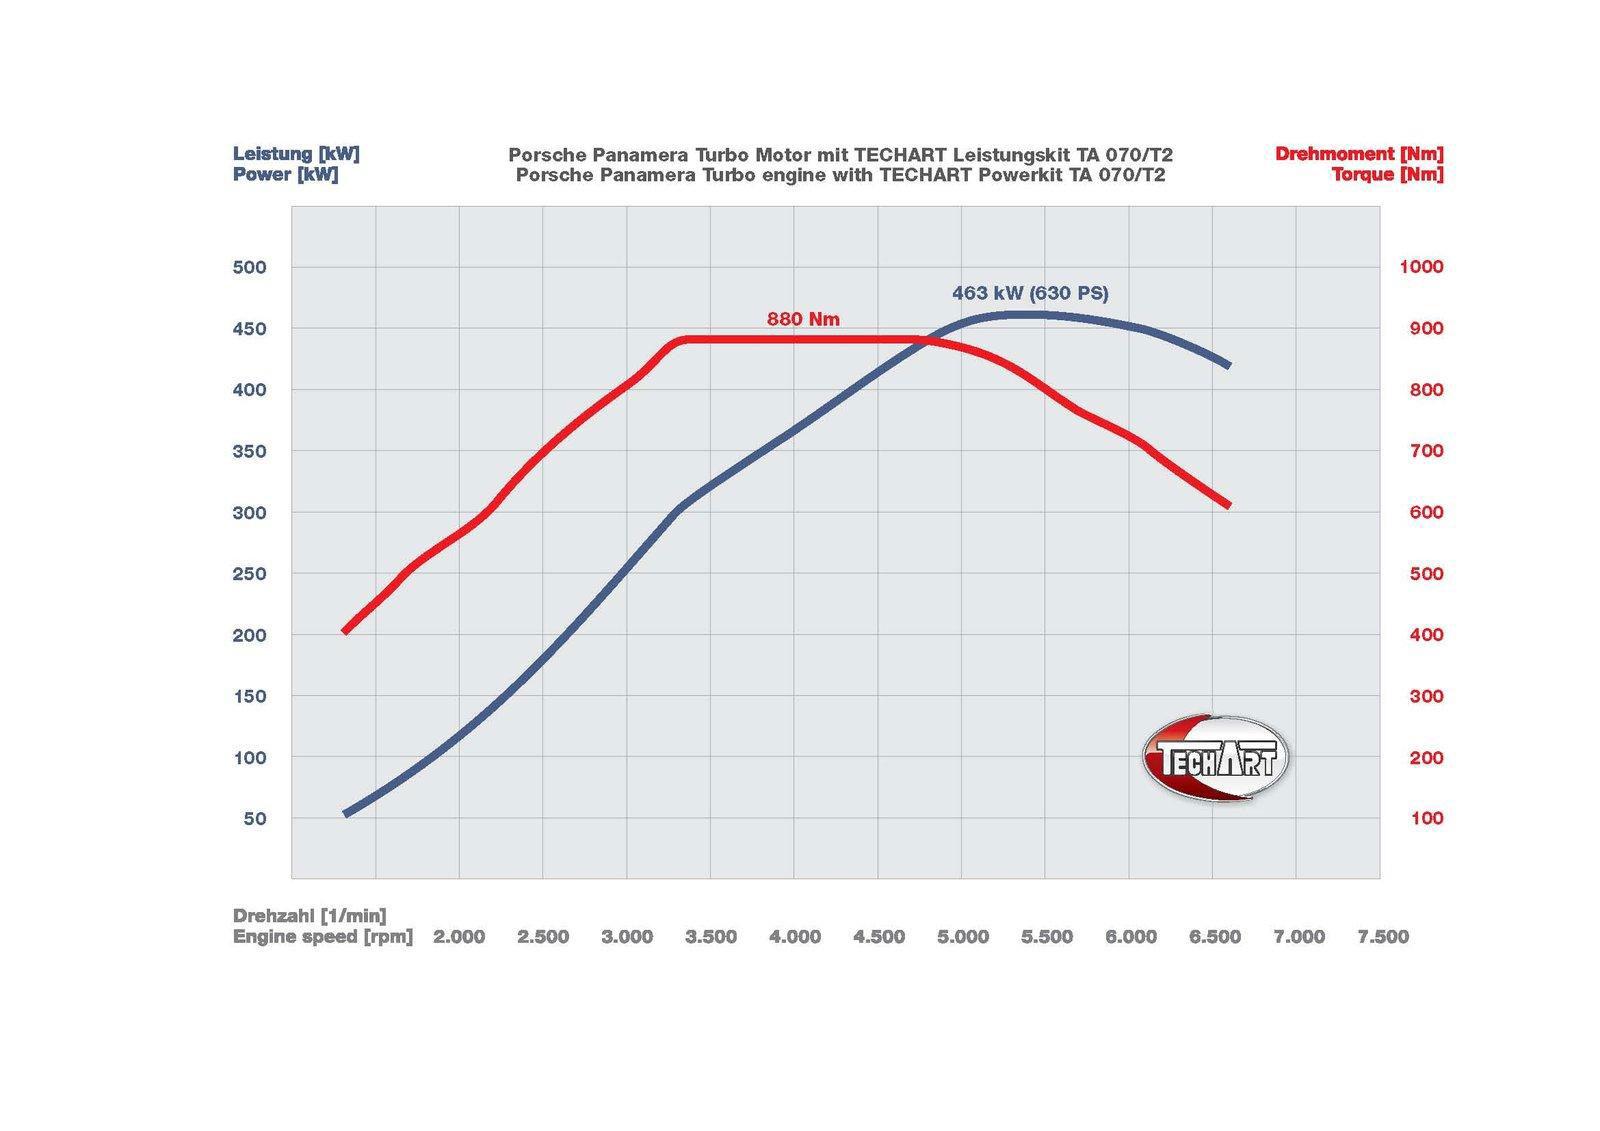 TechArt a vyšší výkon pro Cayenne a Panameru 4